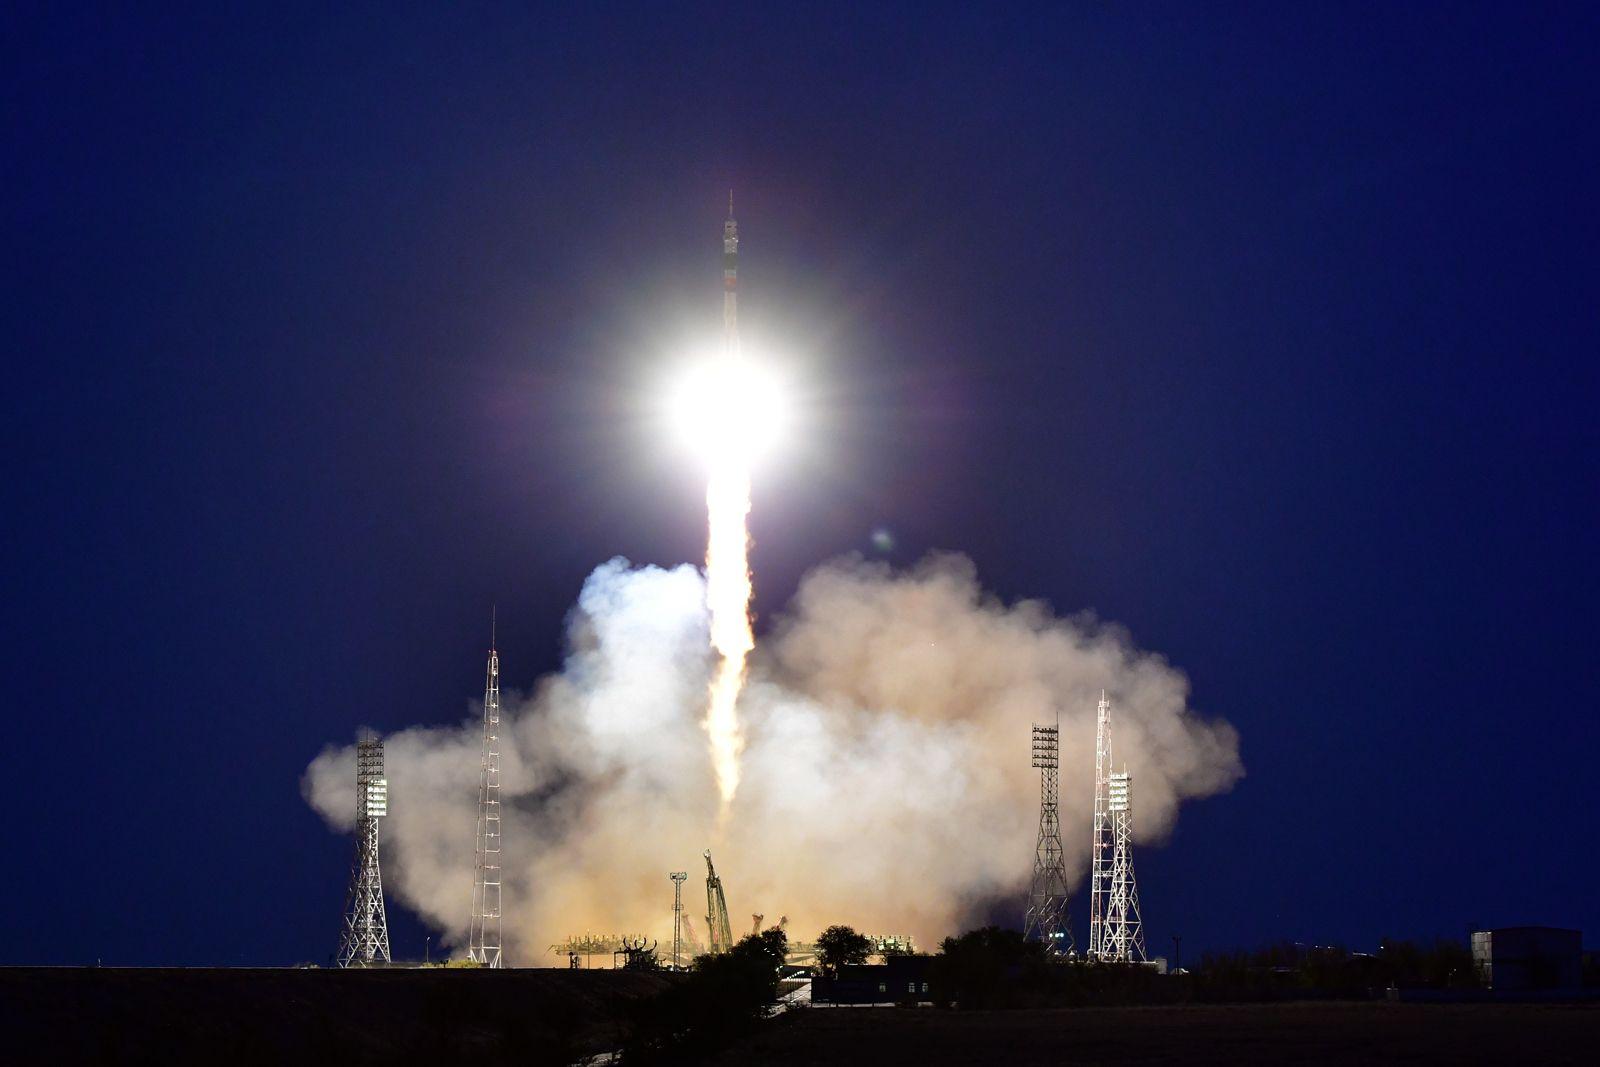 Потенциал космодрома Байконур будет расти 163752 - Kapital.kz